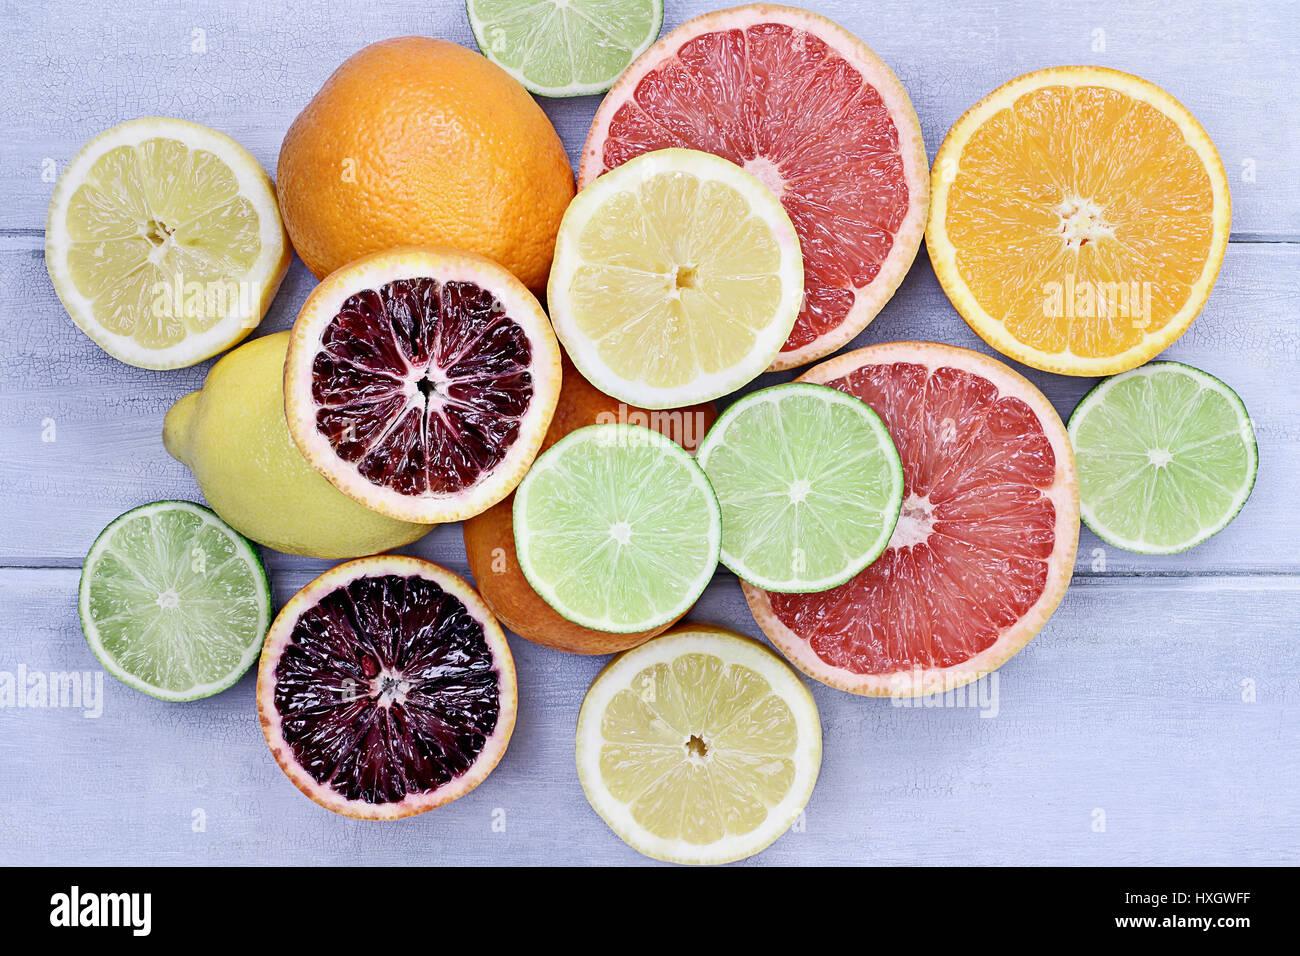 Variedad de frutas cítricas (naranja, sangre, naranjas, limones, pomelos y limas) sobre una mesa de madera azul Foto de stock